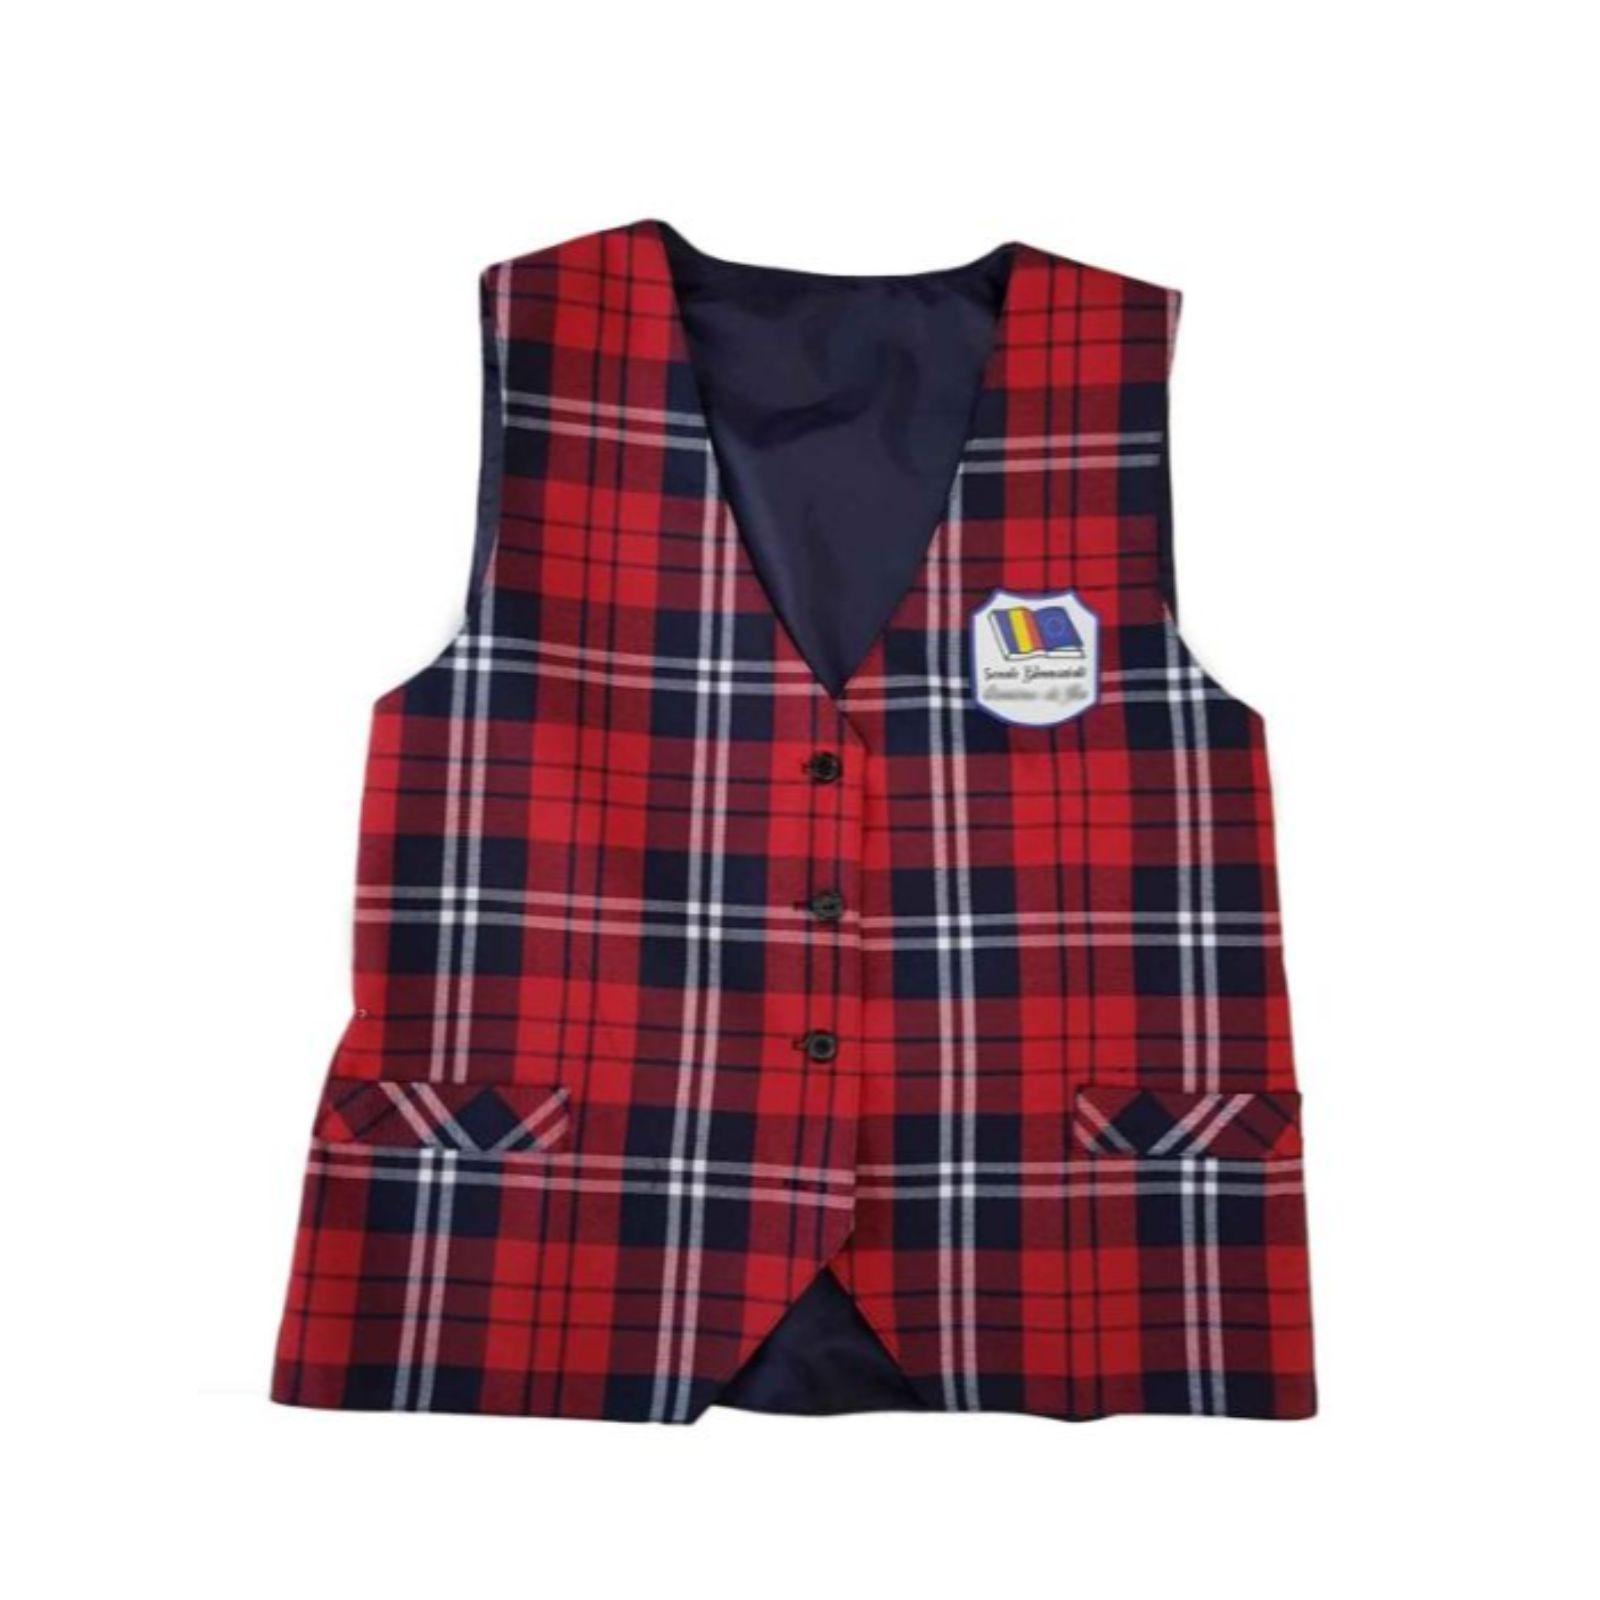 Vesta rosie carouri mari - uniforma scolara